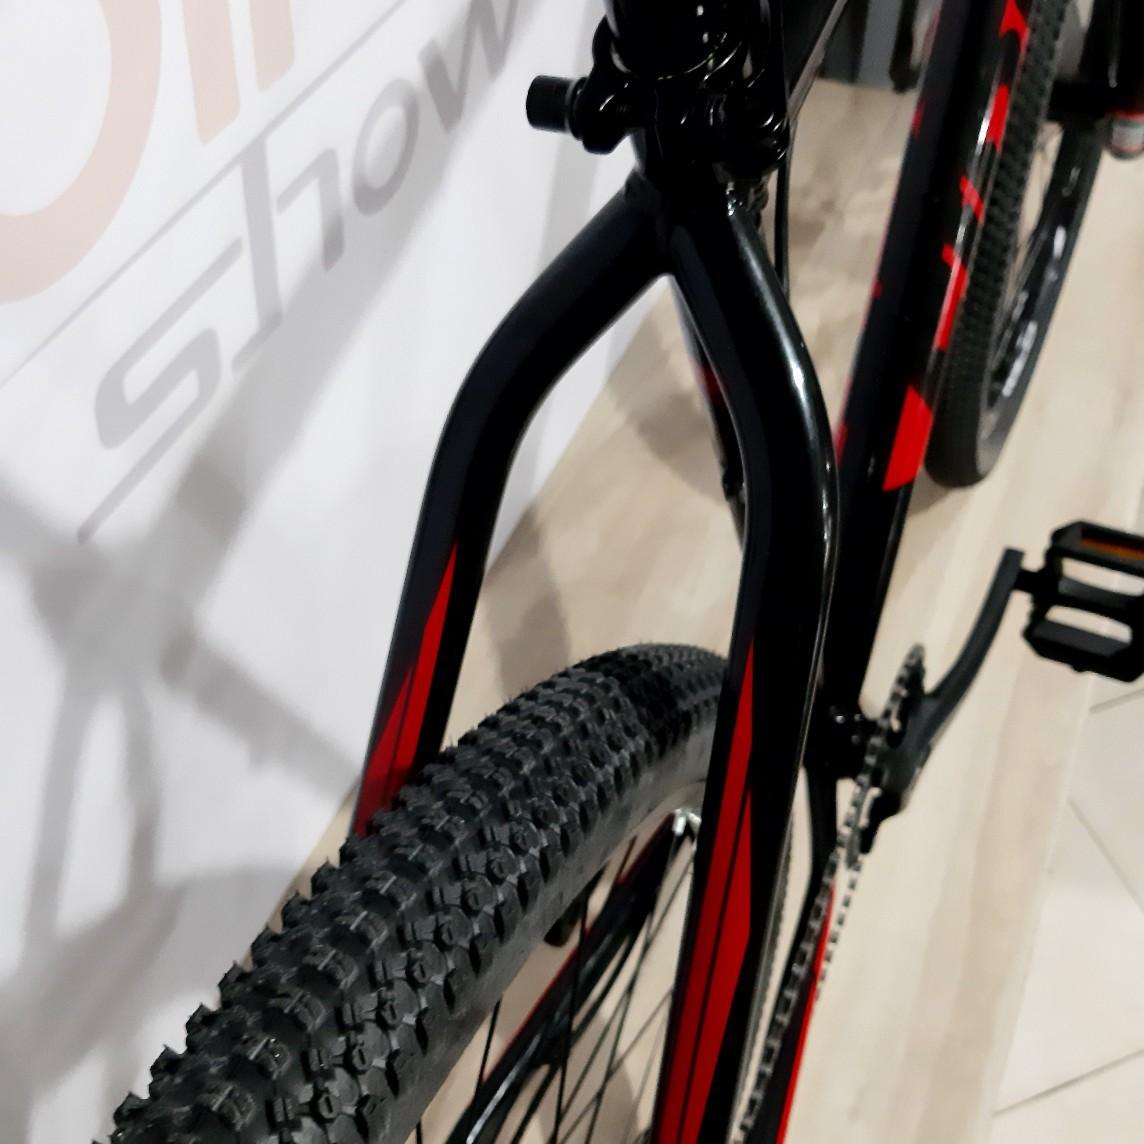 Bicicleta FIRST Smitt aro 29 - 12v LTWOO - Freios Shimano Hidráulico - Suspensão High One a ar